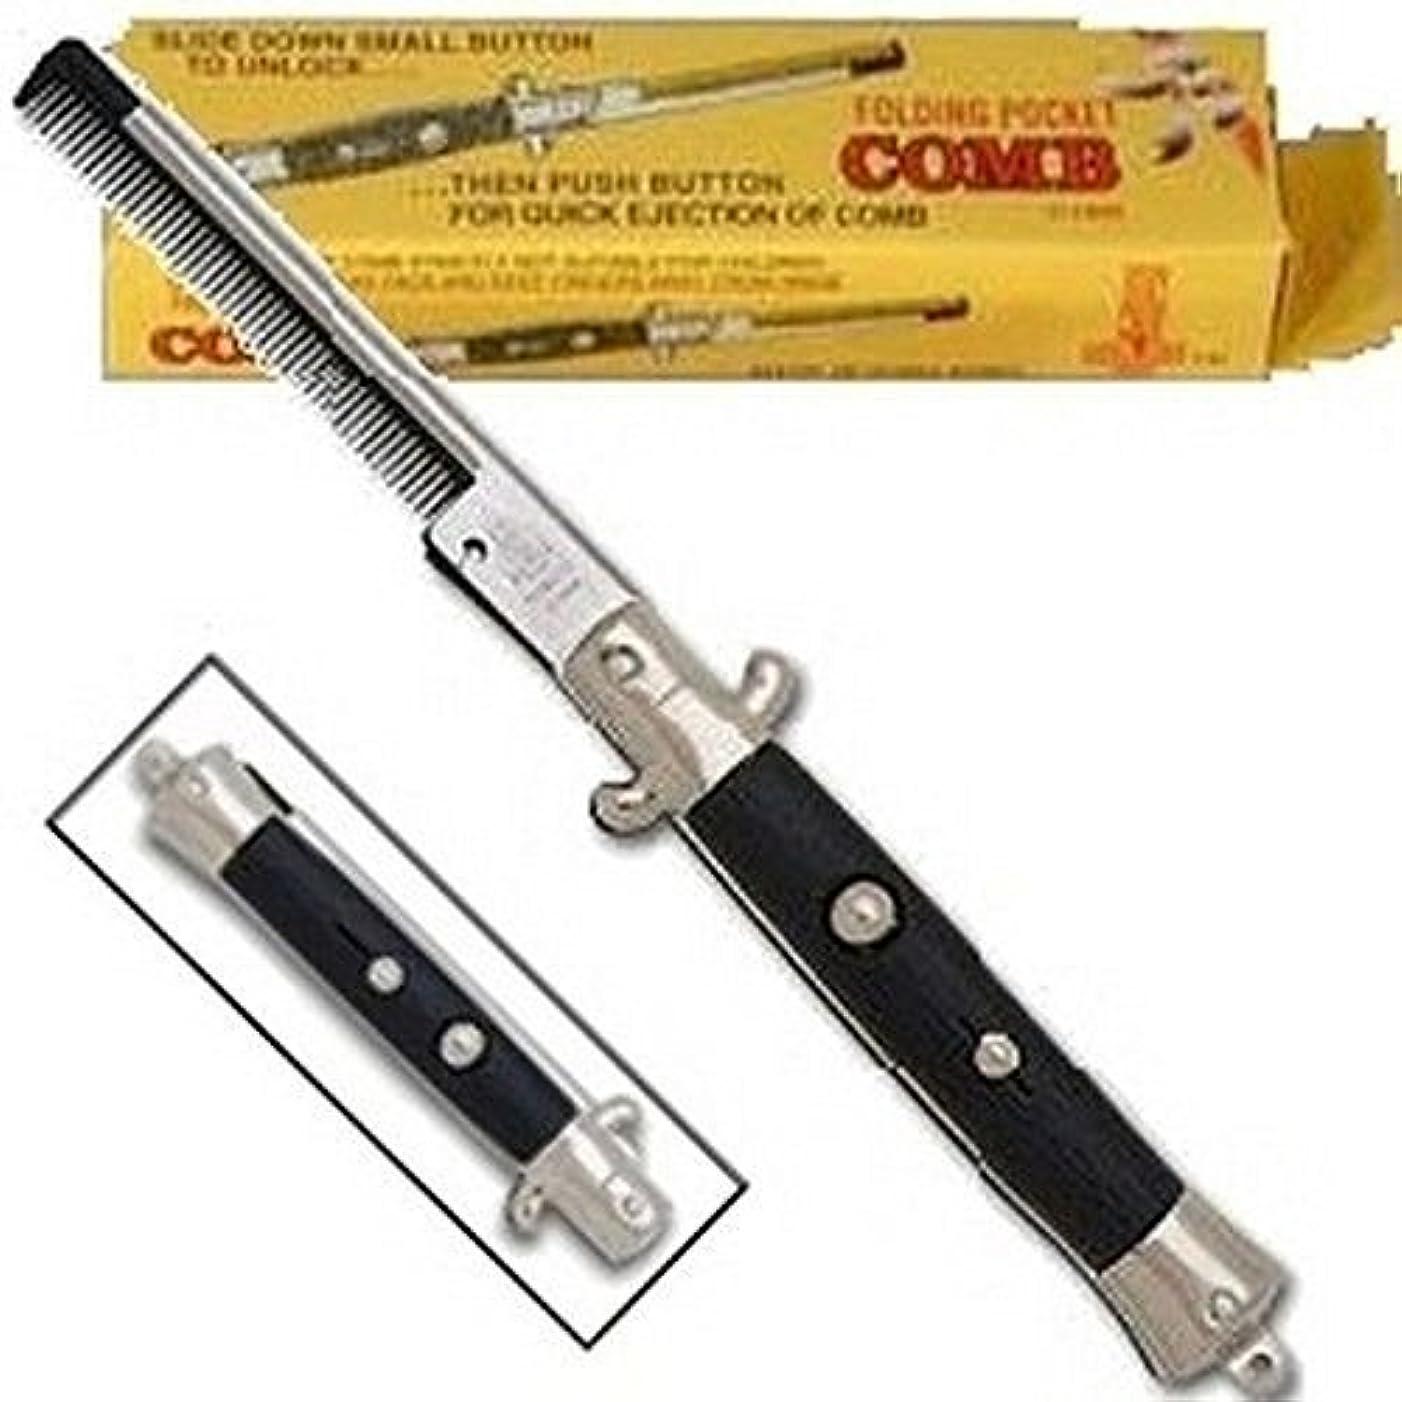 湾稚魚貼り直すNovelty Switch Blade Comb (1 DOZEN PIECES) [並行輸入品]